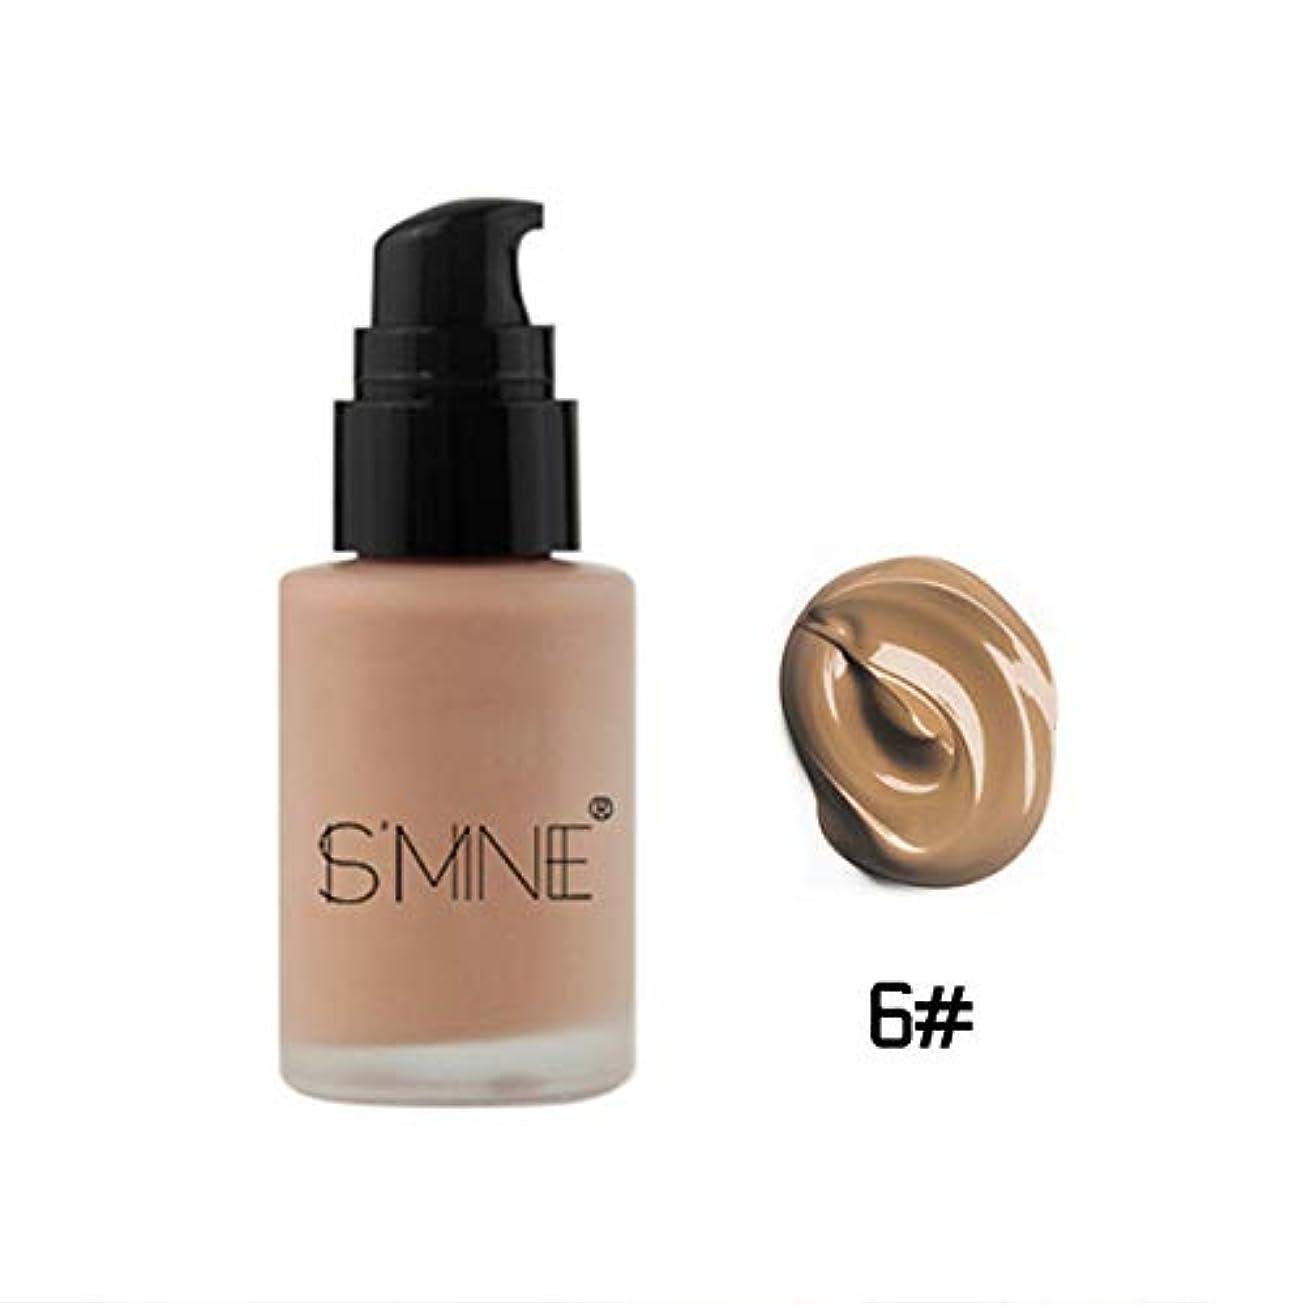 住むブランデー混合Symboat BBクリーム 女性 フェイスコンシーラー 美白 保湿 防水 ロングラスティングメイクアップ 健康的な自然な肌色 素肌感 化粧品